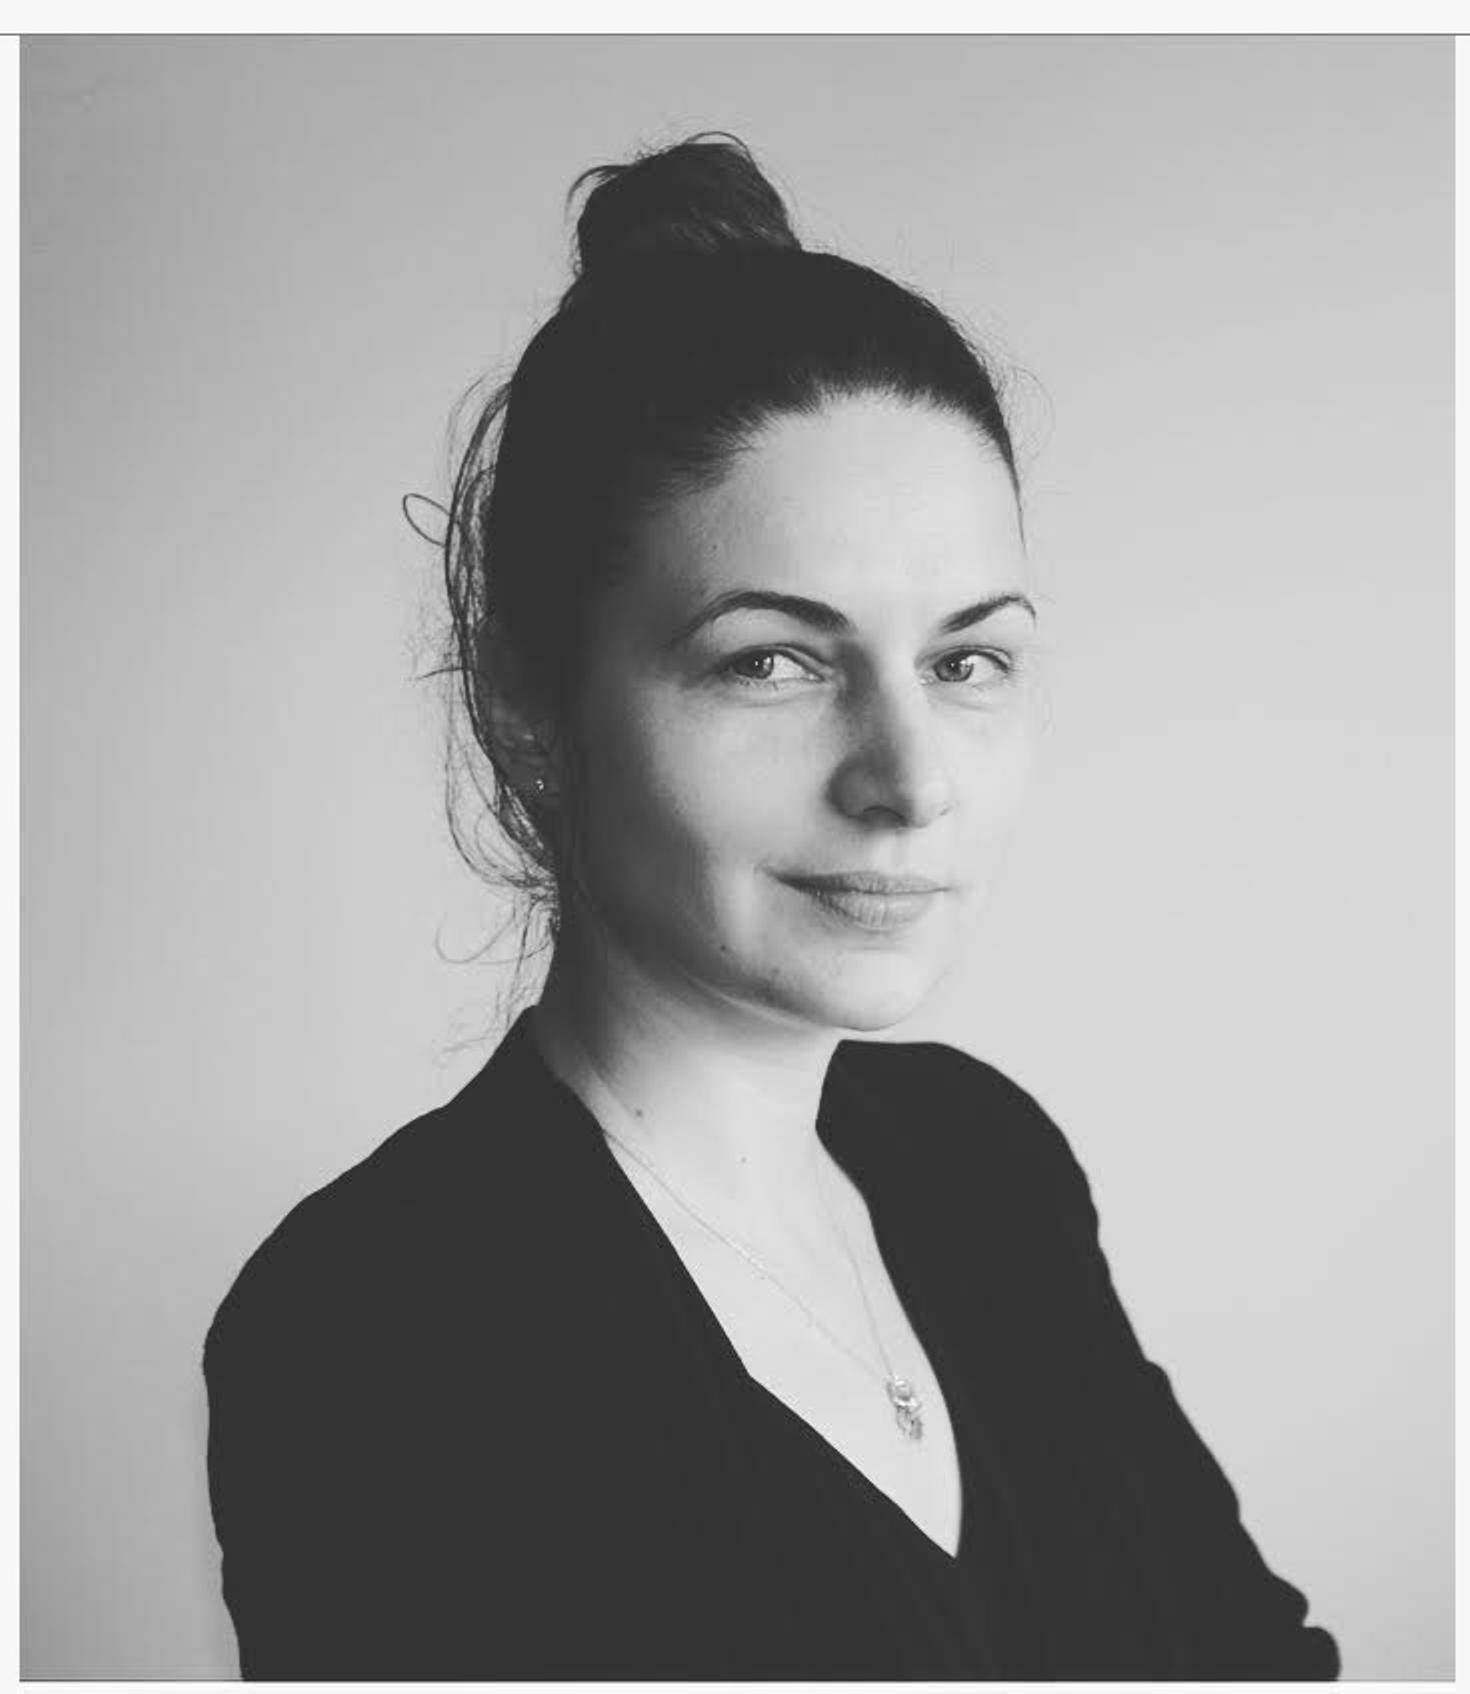 Sanja Dimitrijevic ist ab sofort als Group Account Director bei We are Social für die Betreuung der deutschen Kunden aktiv. (Foto: We are Social)